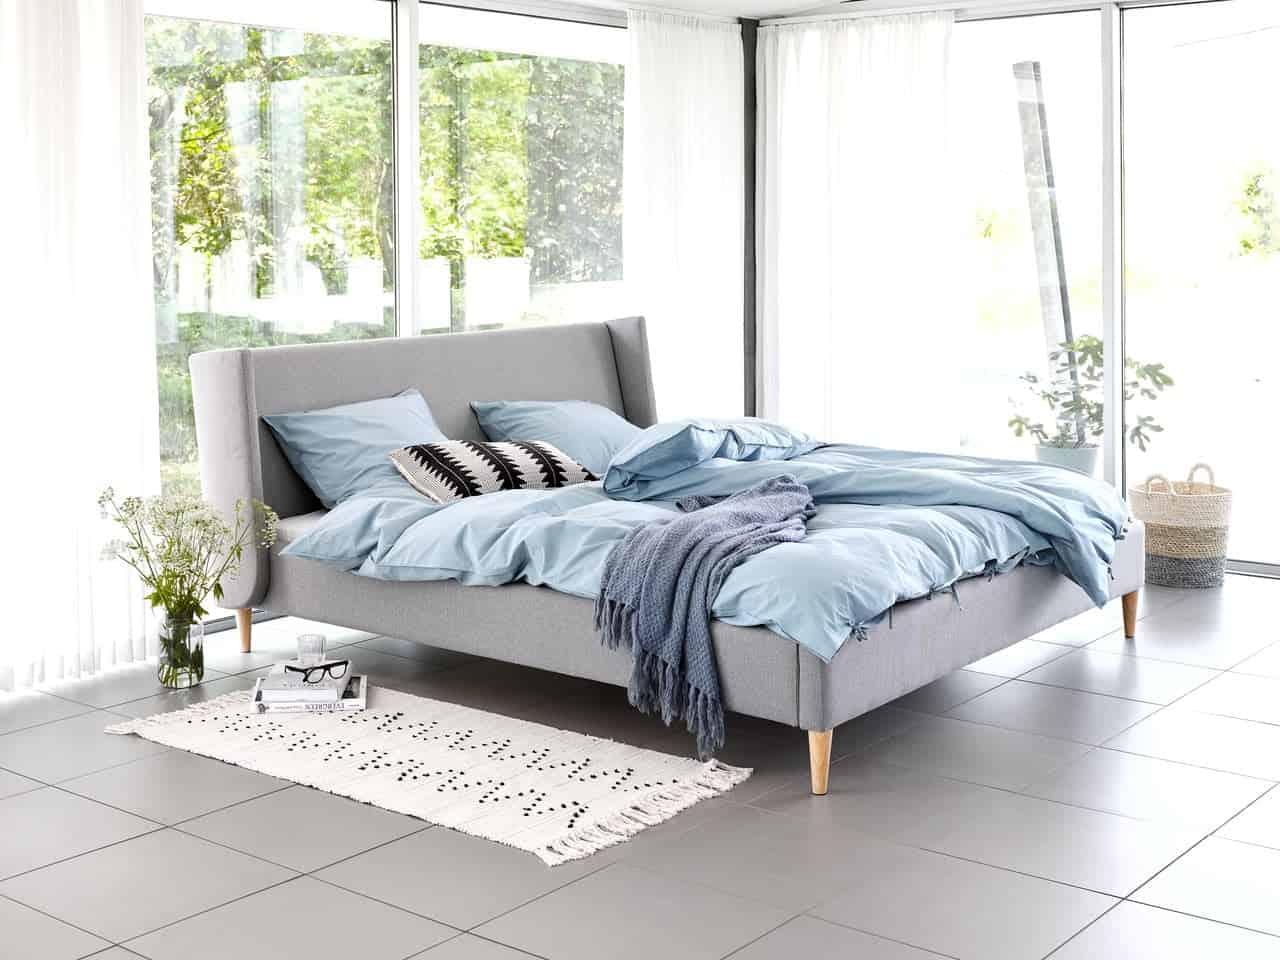 Top 16 cửa hàng nội thất và trang trí phong cách Scandinavian 2021 10